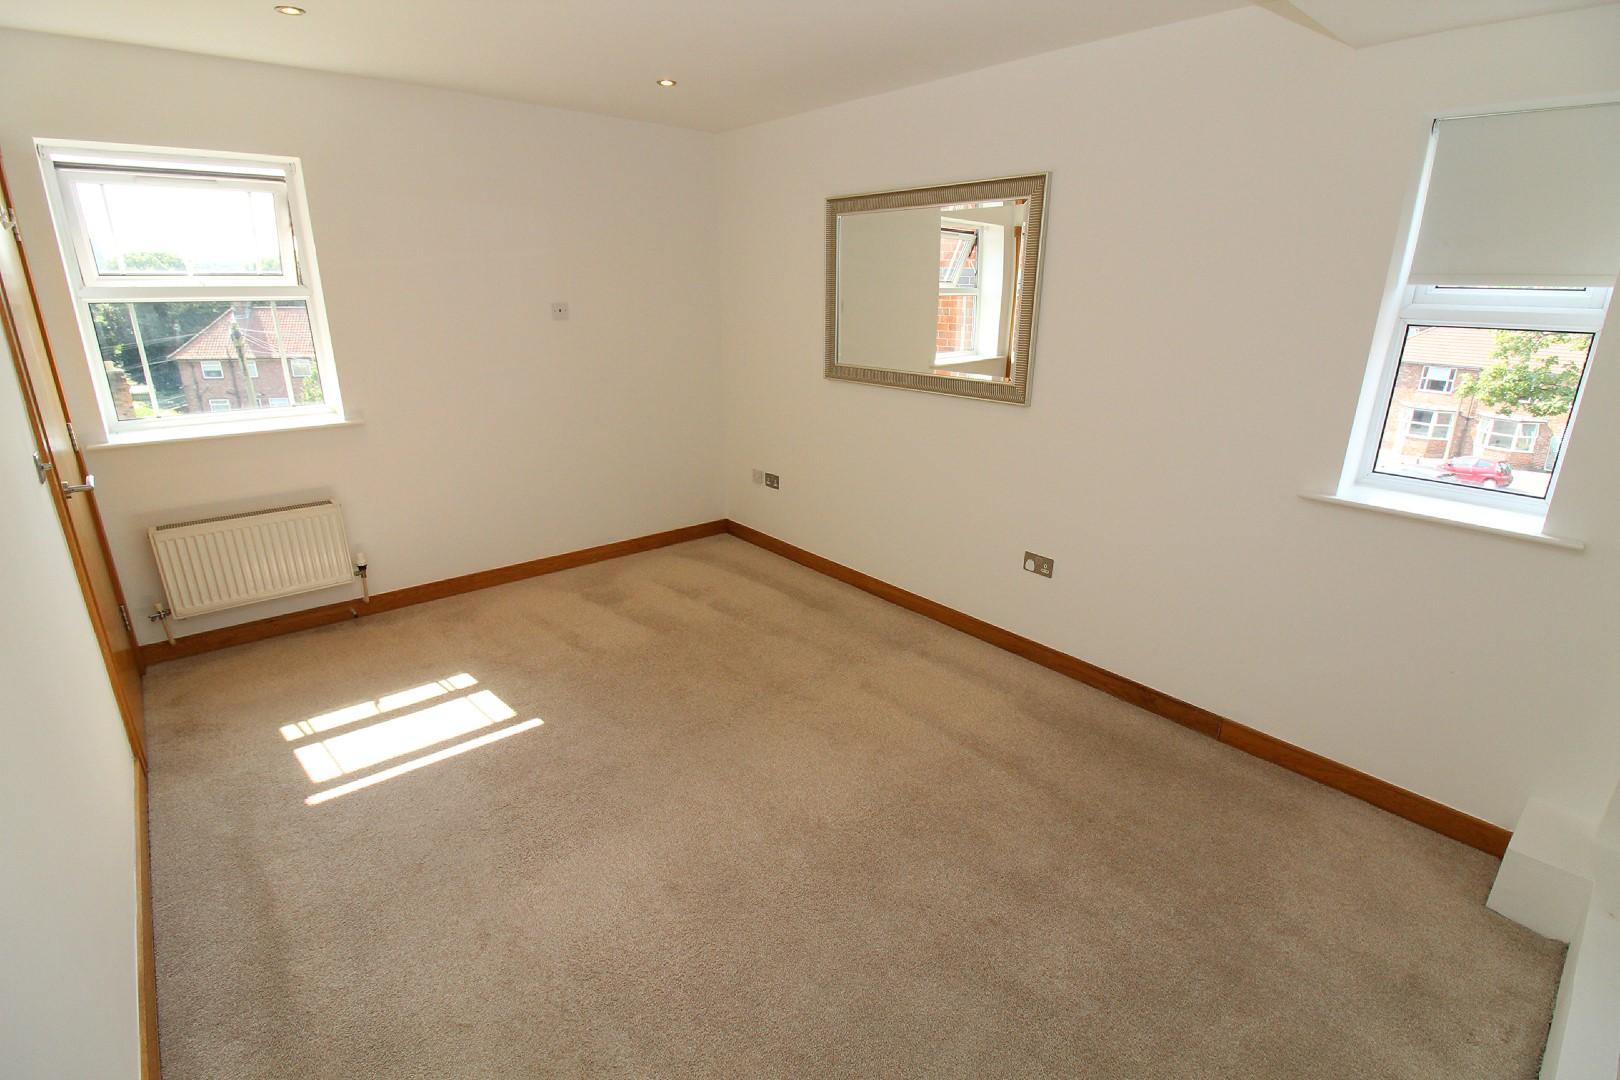 Bedroom Or Reception Room